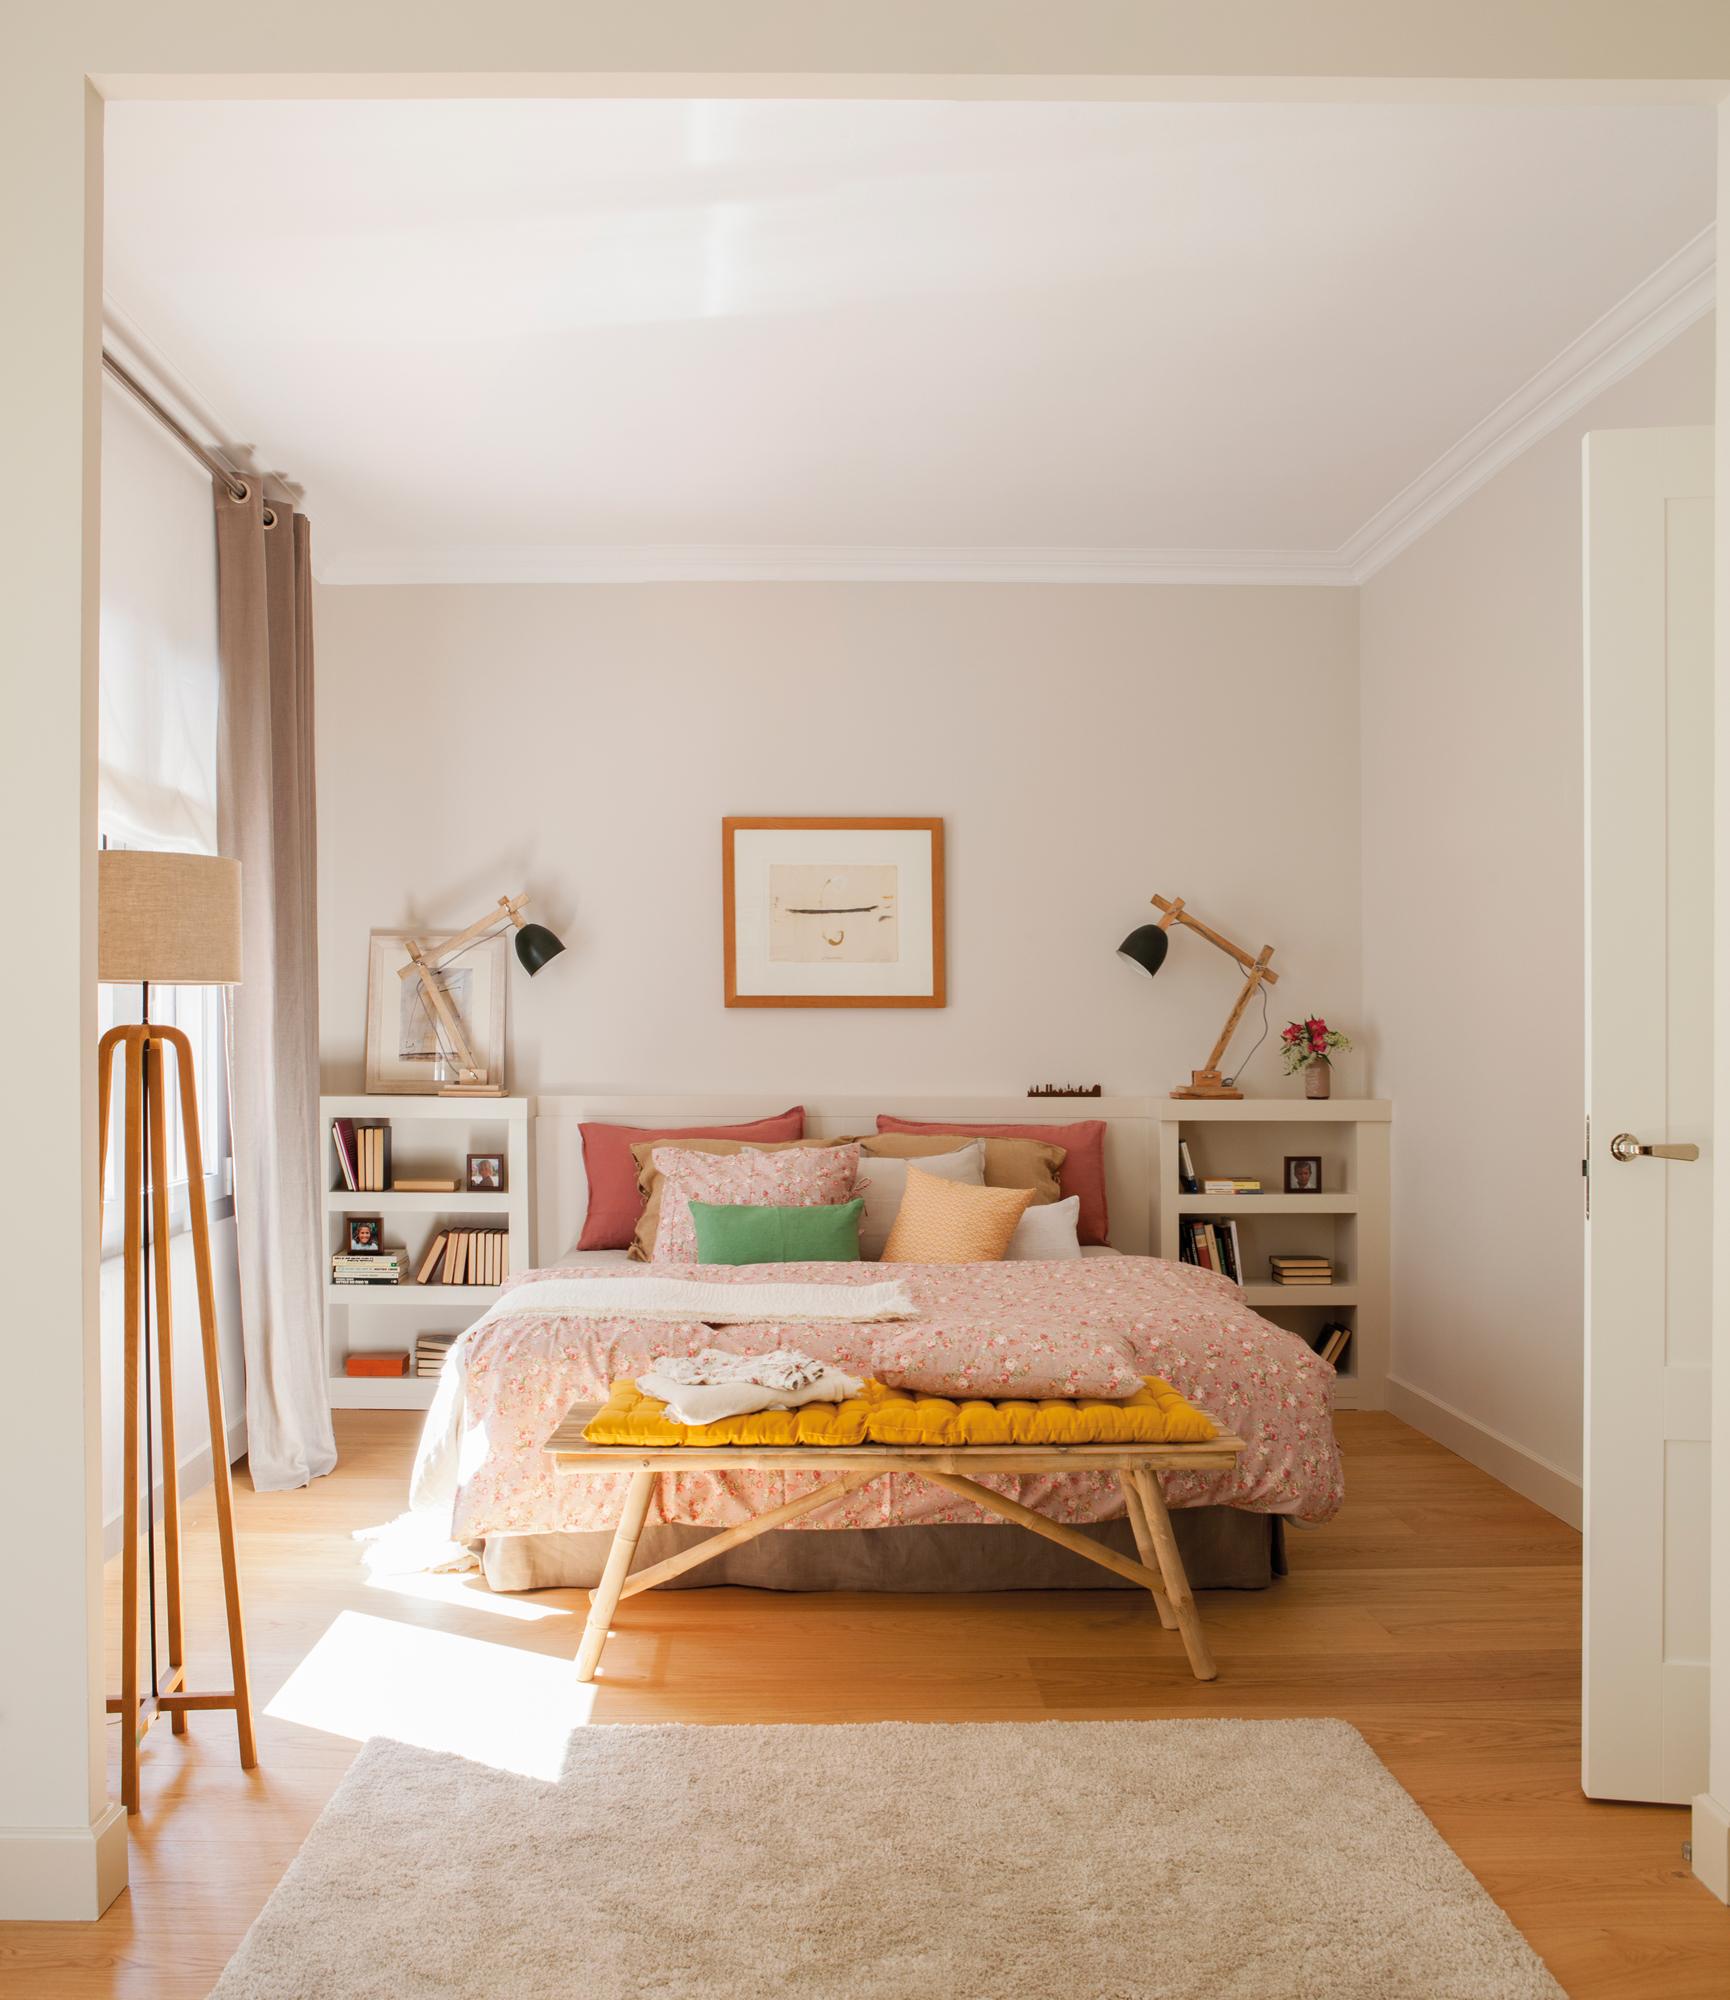 25 dormitorios modernos estilo el mueble for Modelos de decoracion de dormitorios